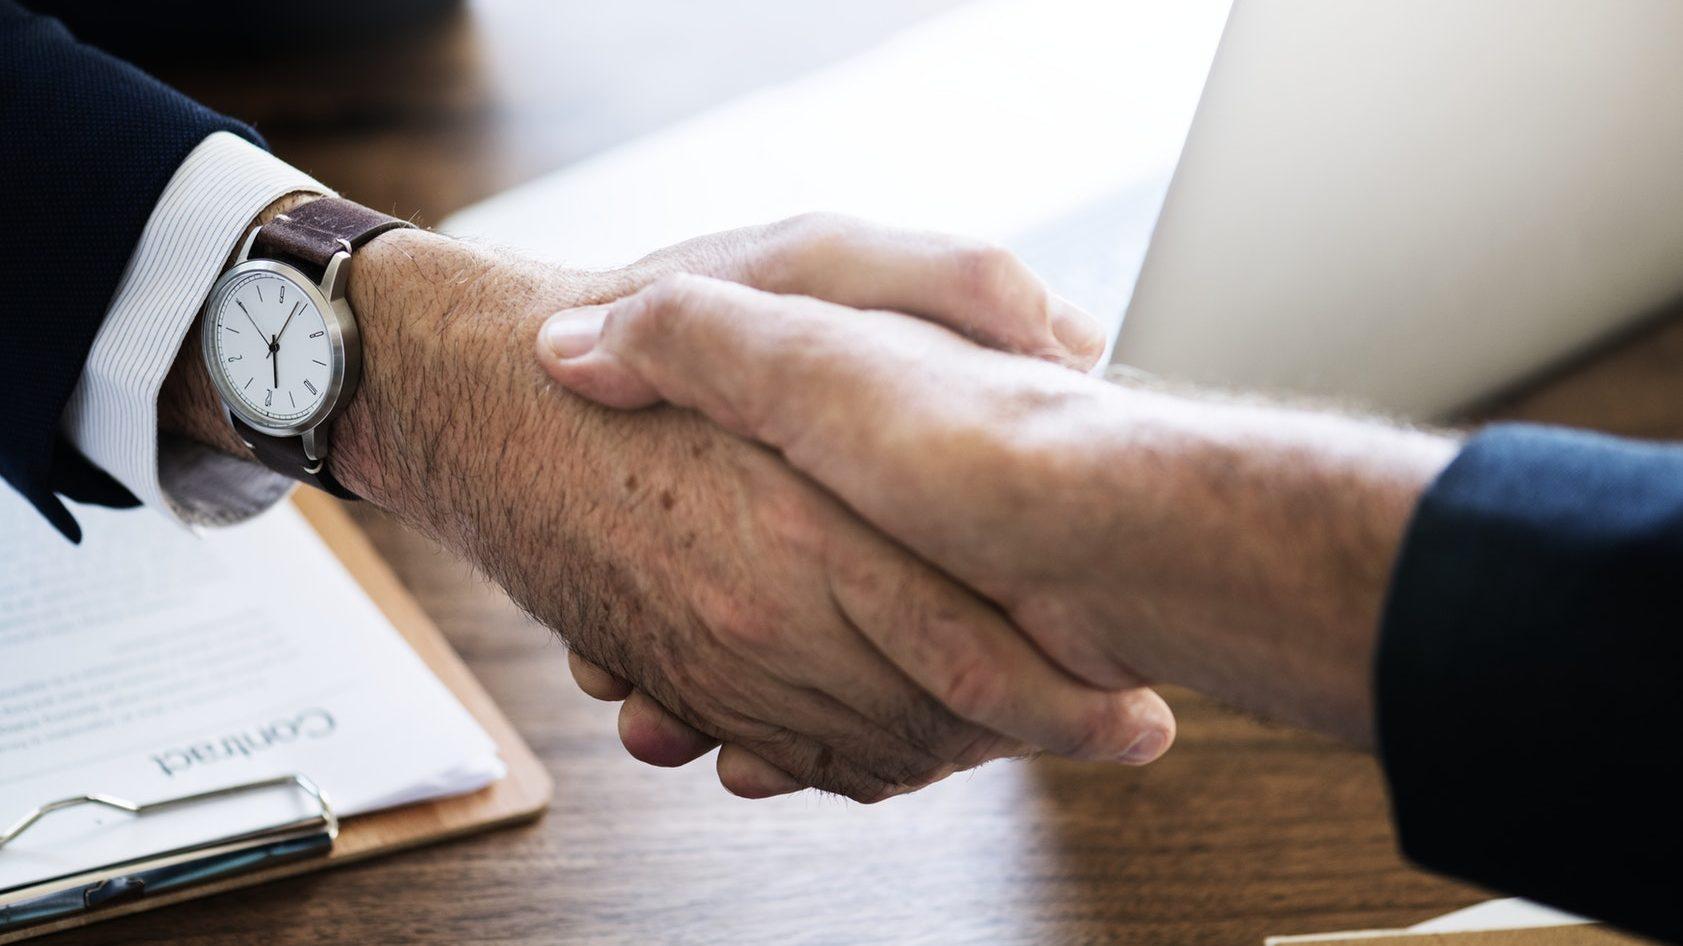 Xn Québec officialise un partenariat avec la Banque Nationale